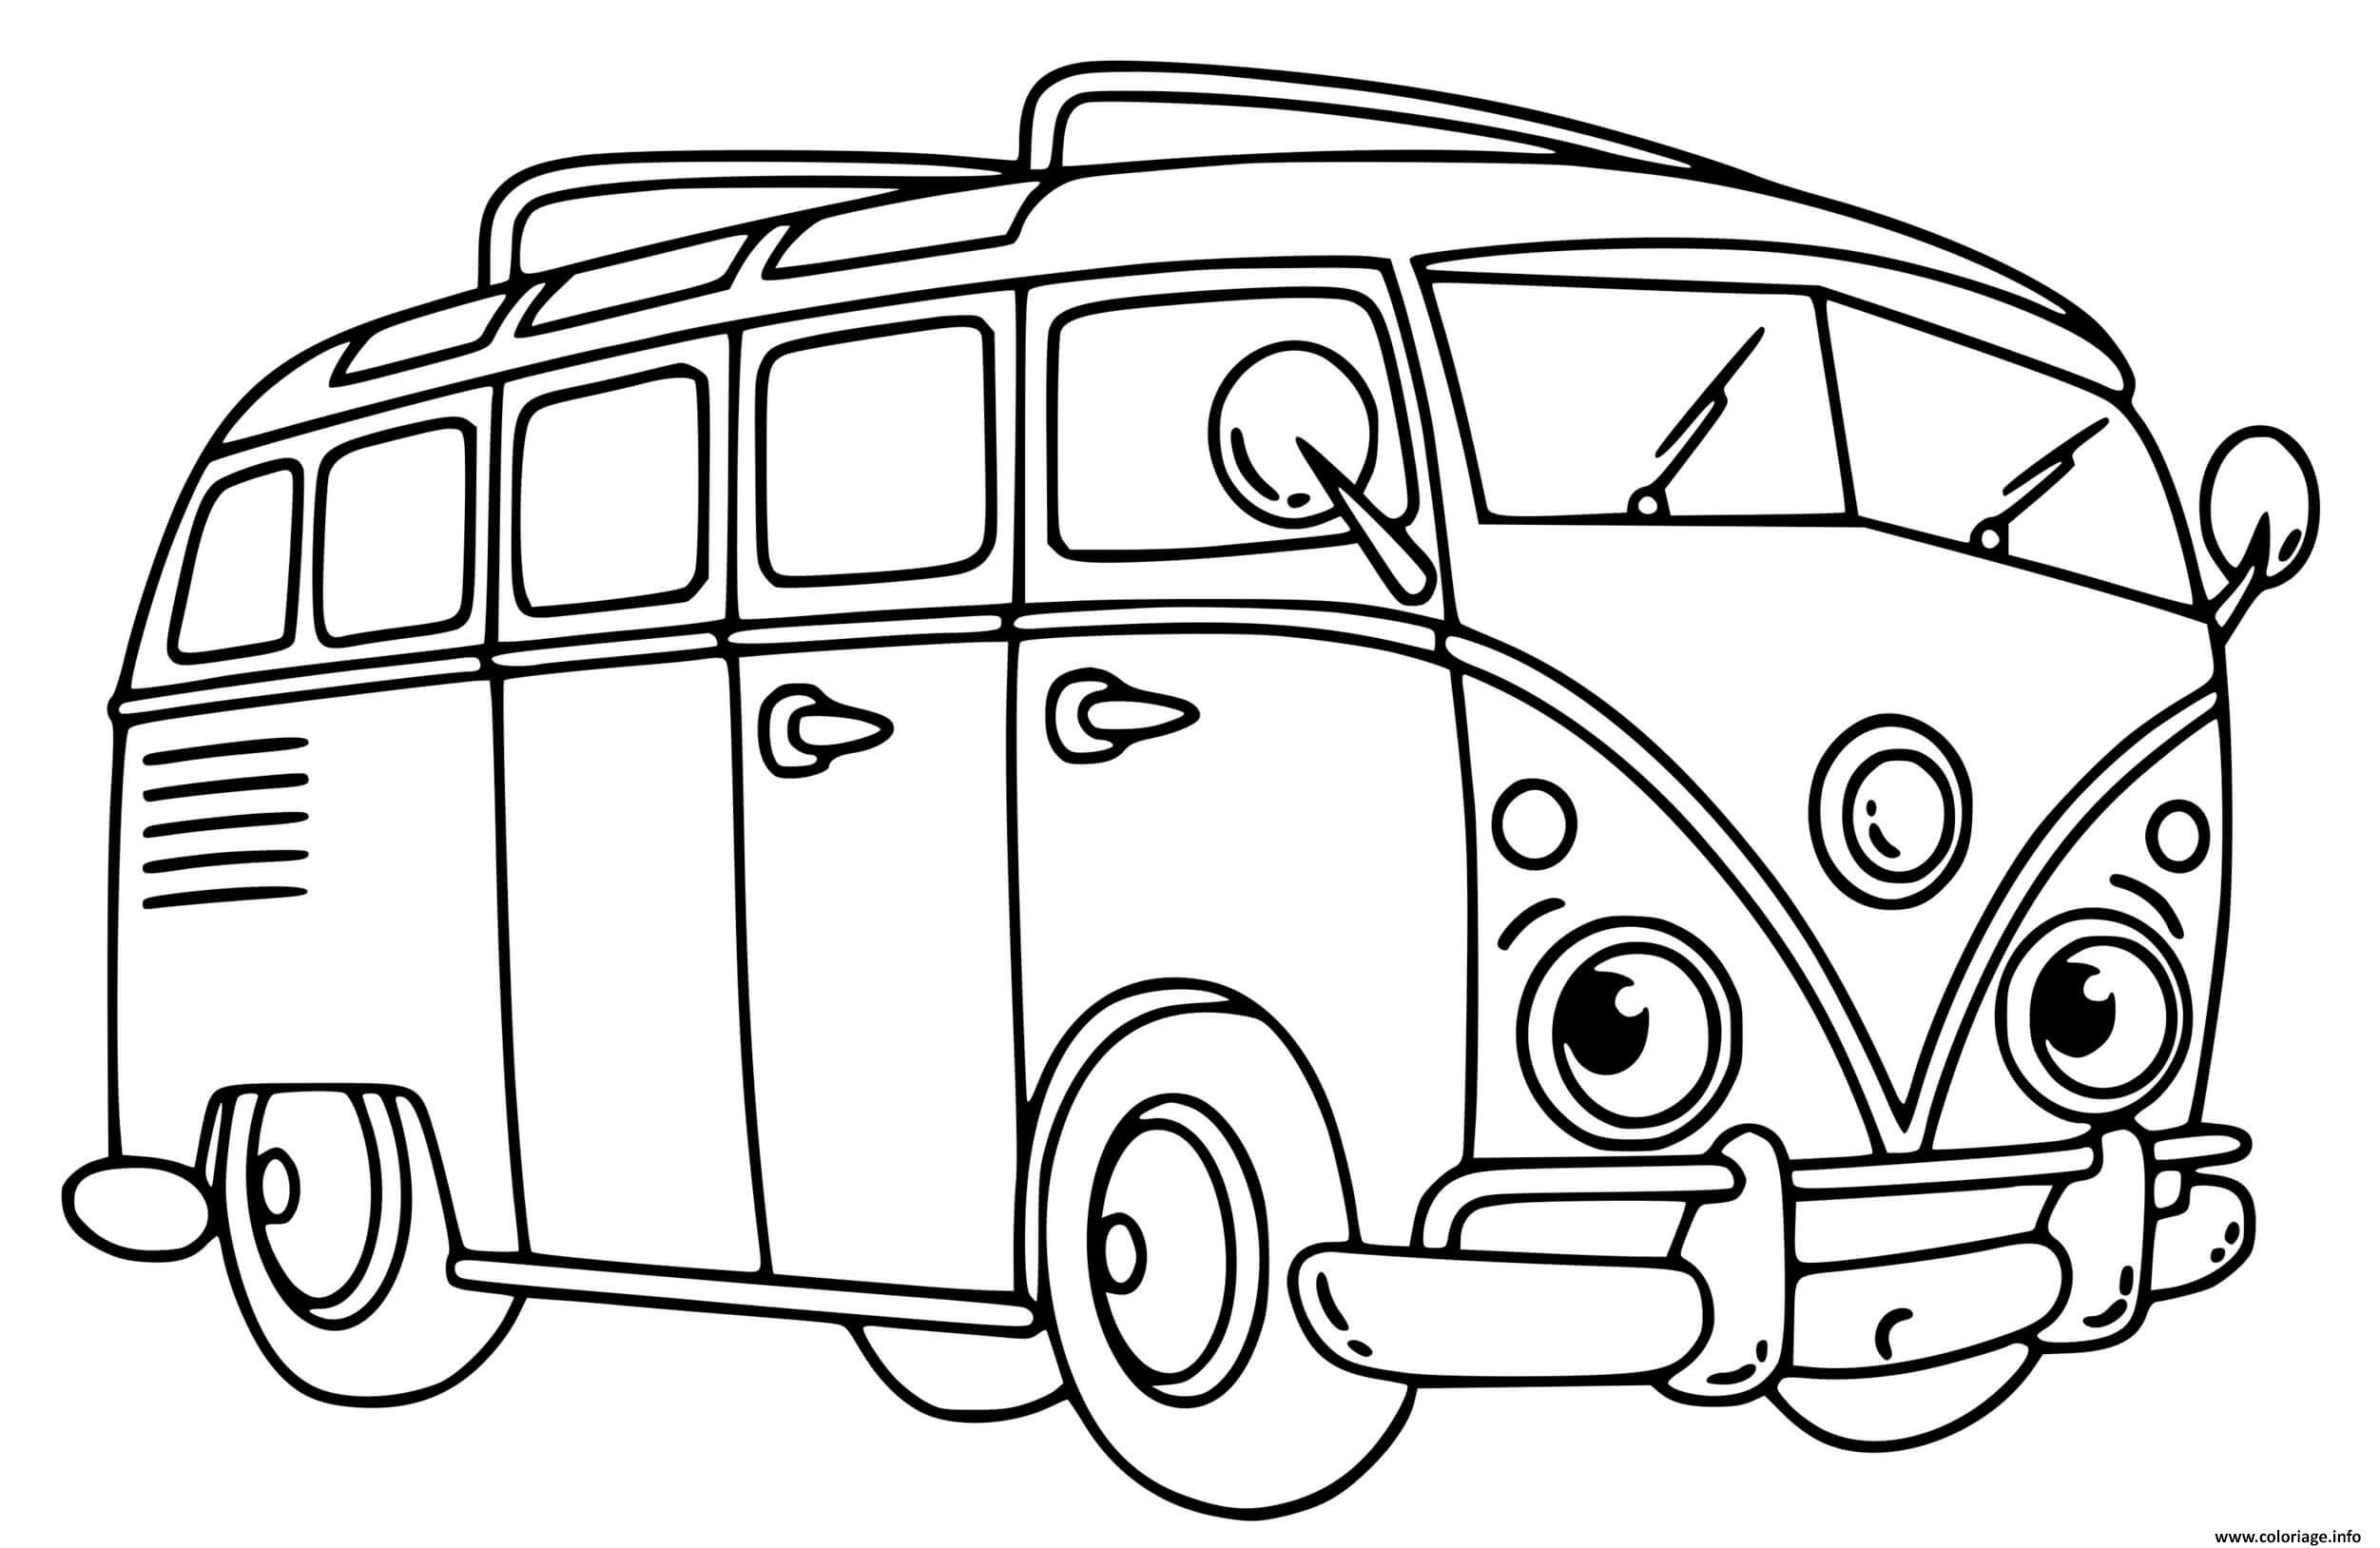 Dessin mini bus volkswagen Coloriage Gratuit à Imprimer